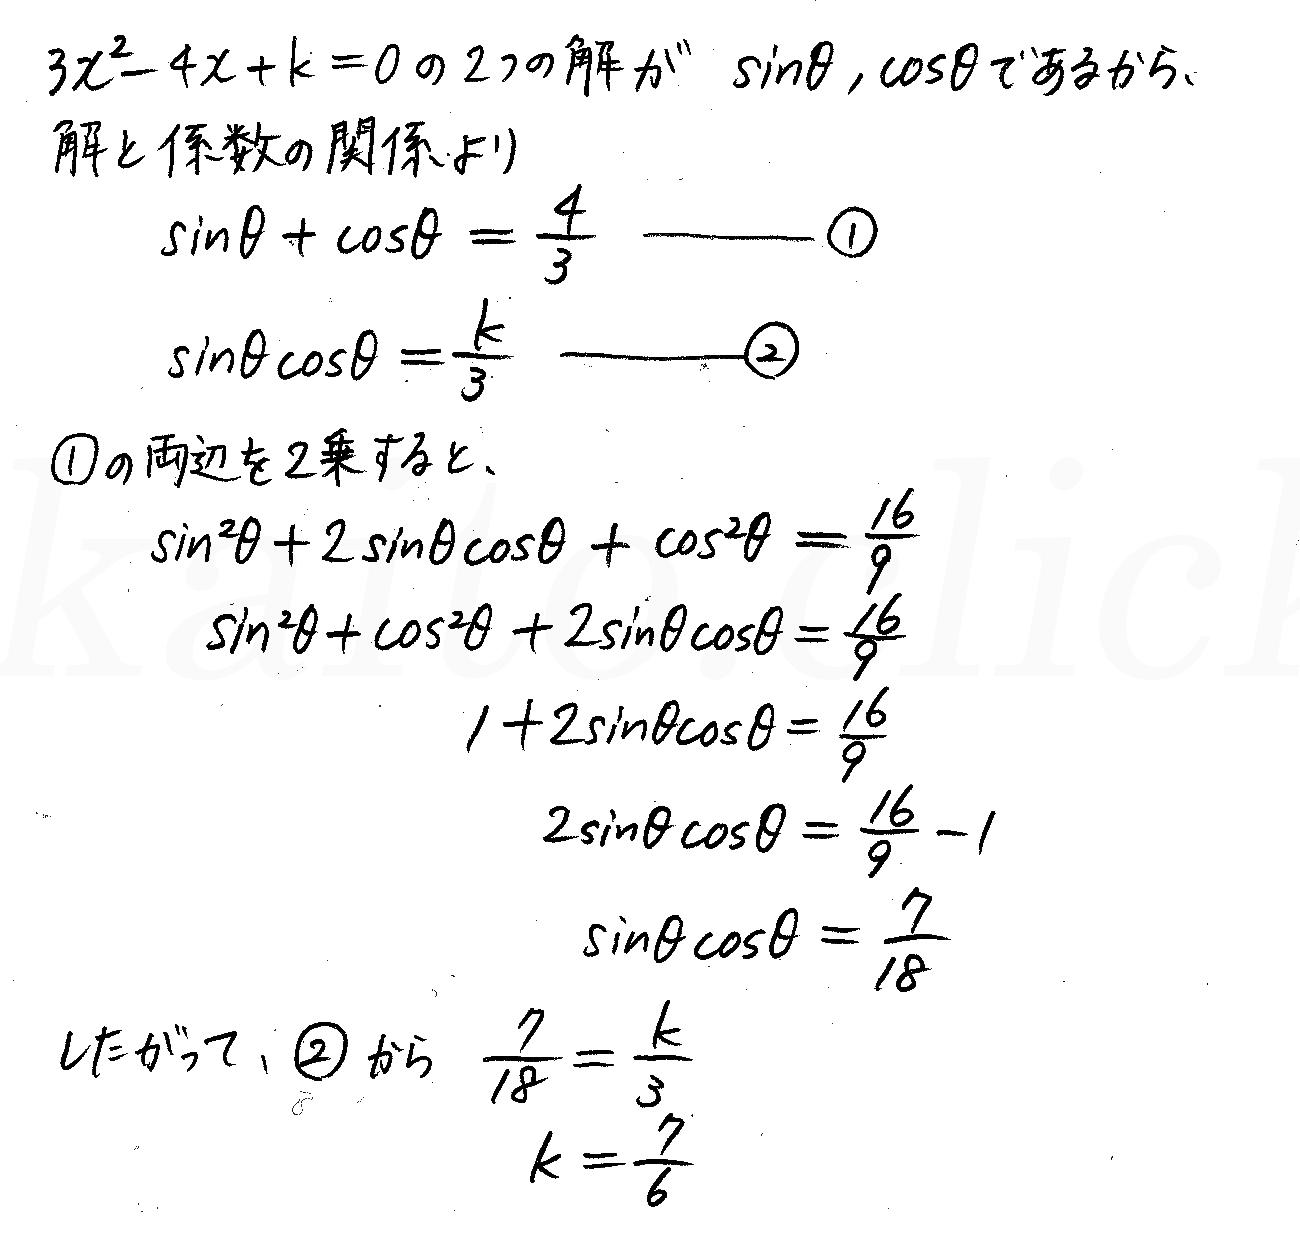 クリアー数学2-311解答